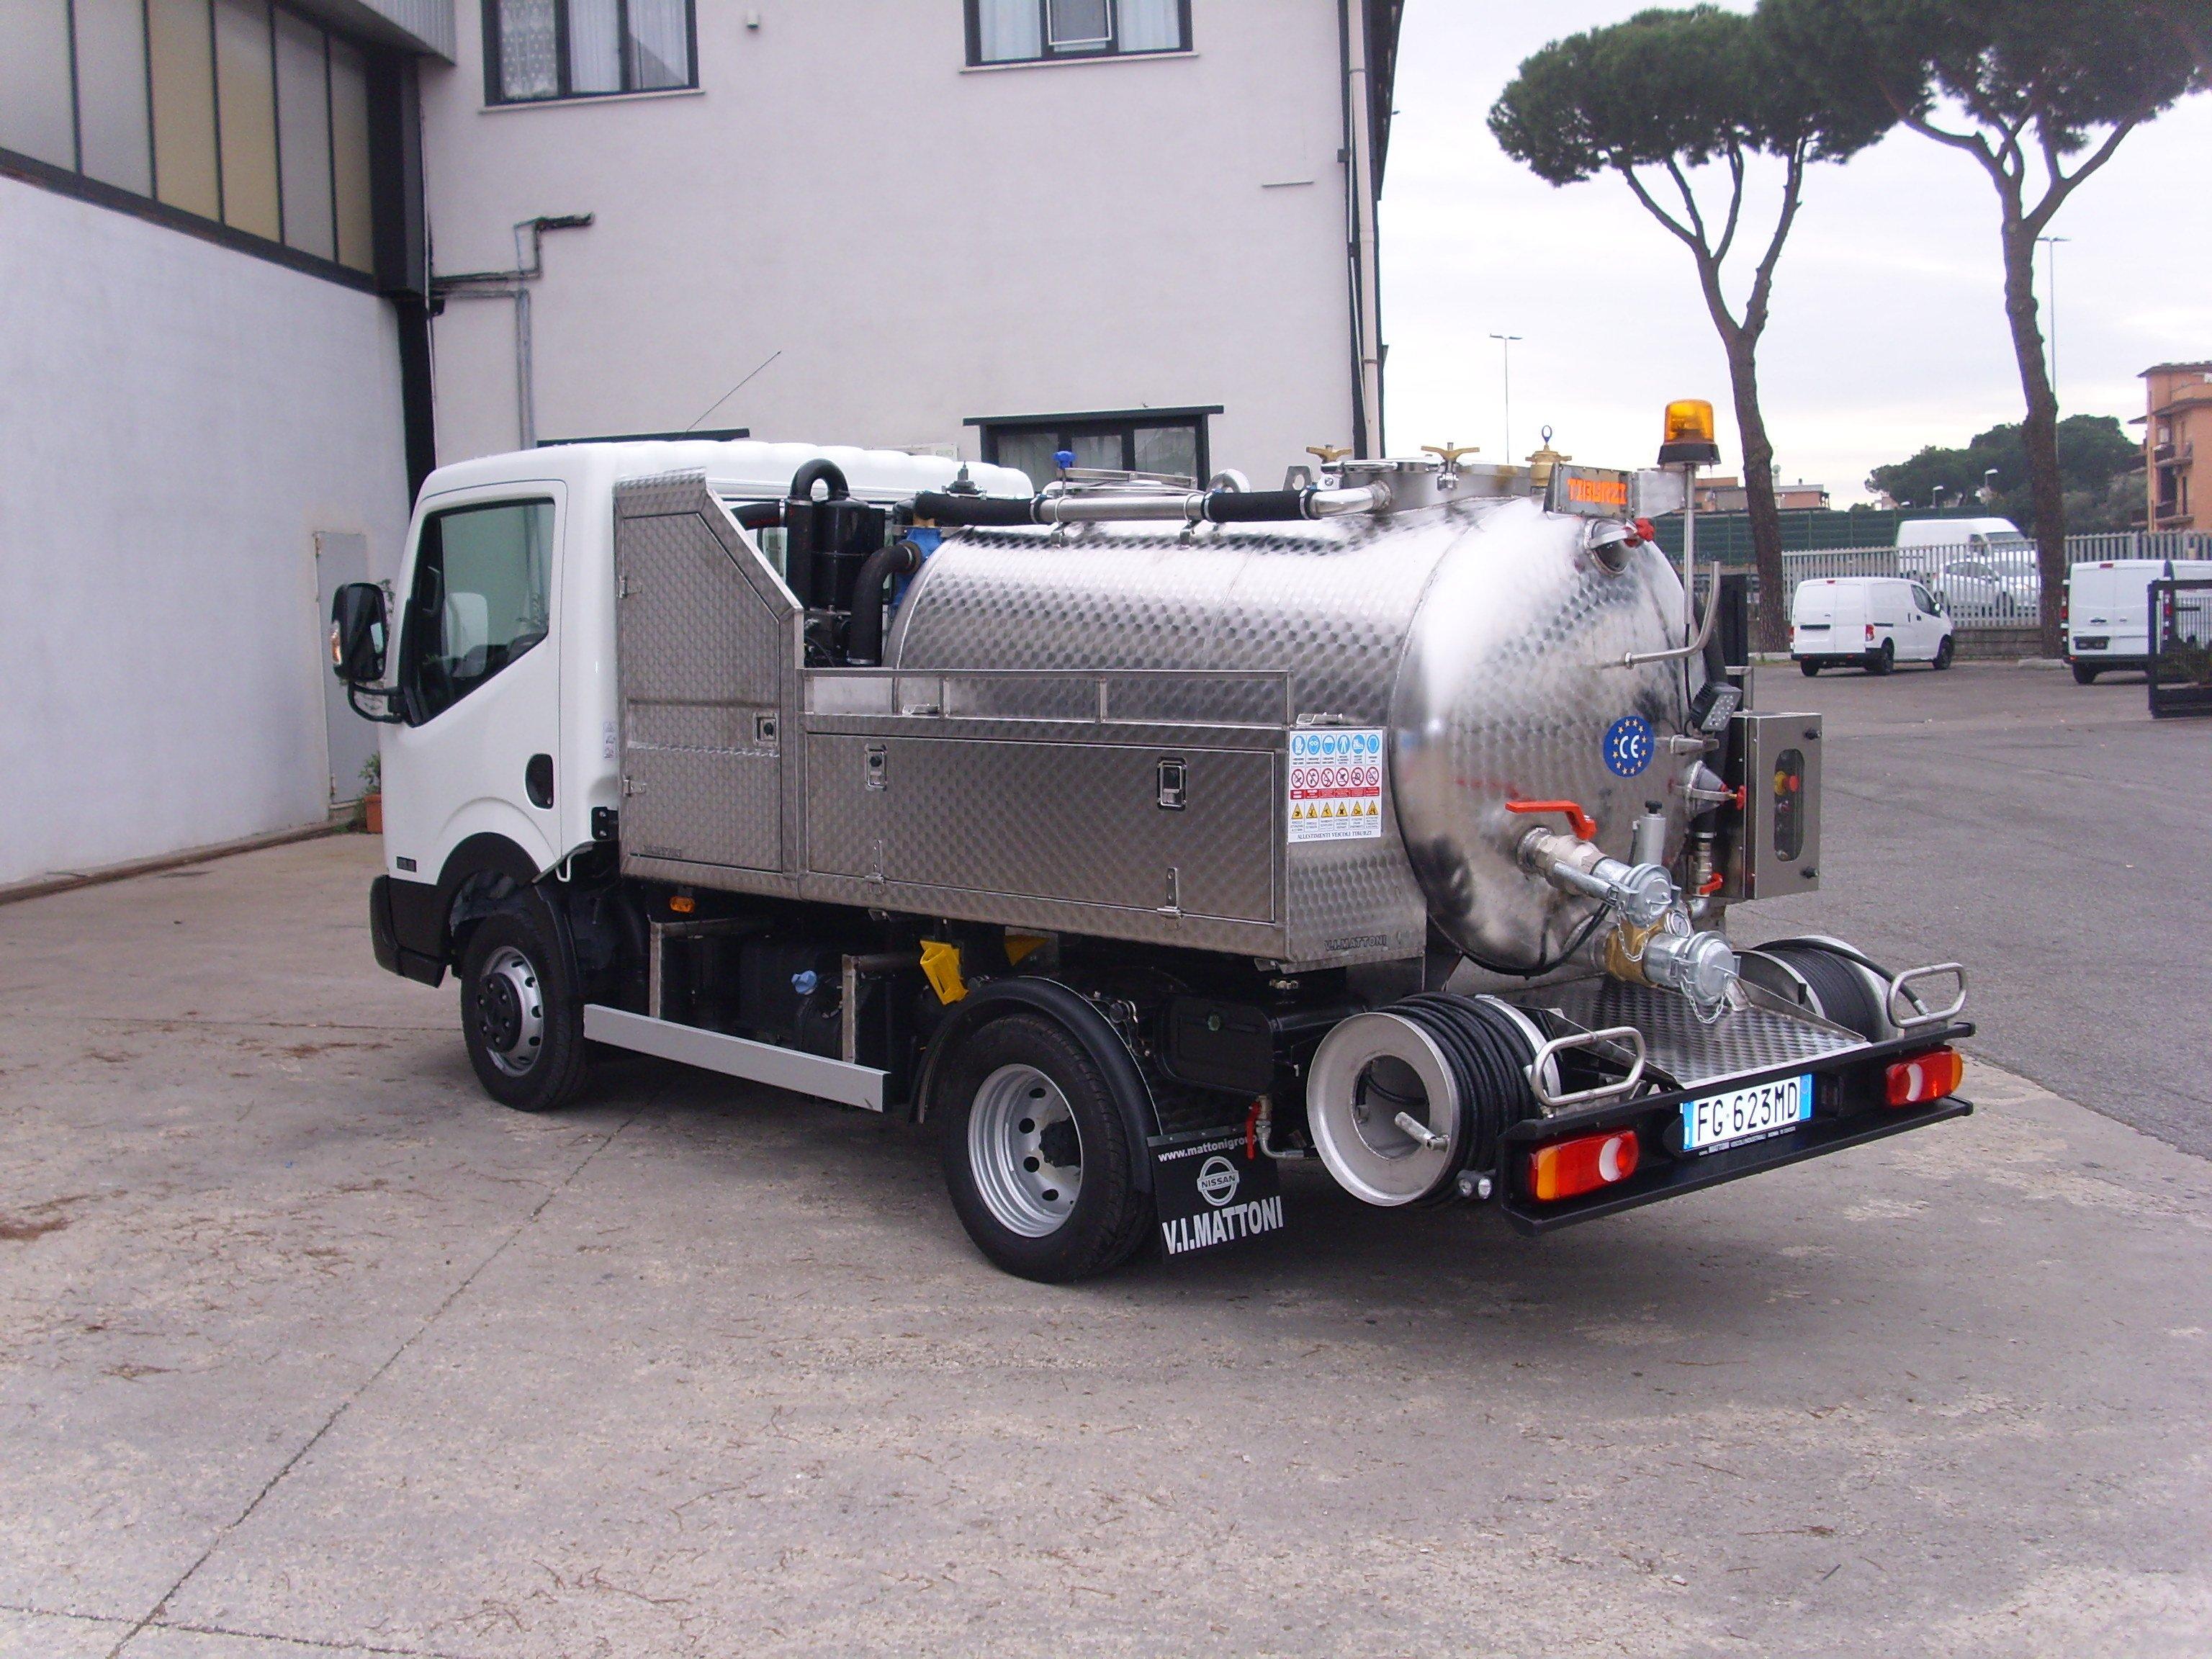 NT400 35.13, 3000cc, 130 cv, Euro 6, con COMFORT PACK (clima e radio CD con Bluetooth) completo di cisterna per autospurgo, disponibile in vari passi e potenze motore.